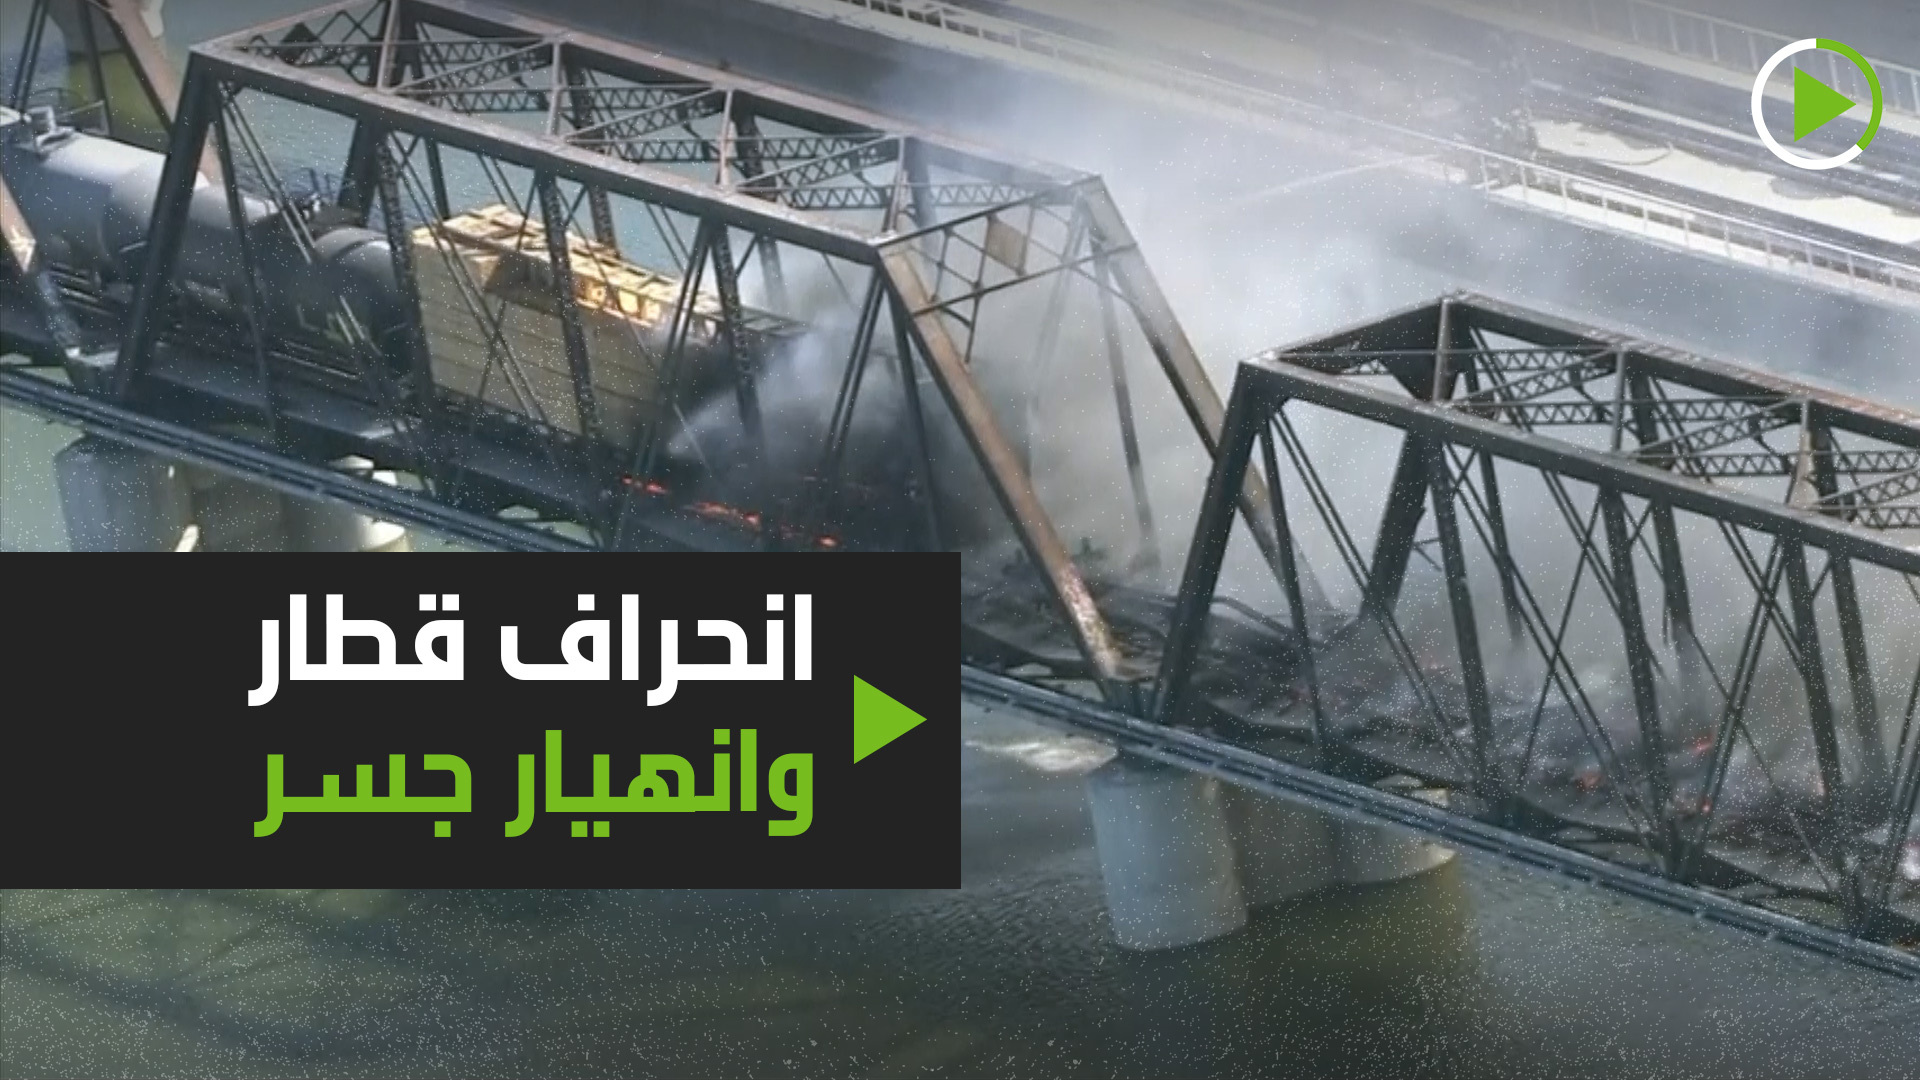 انحراف قطار وانهيار جسر